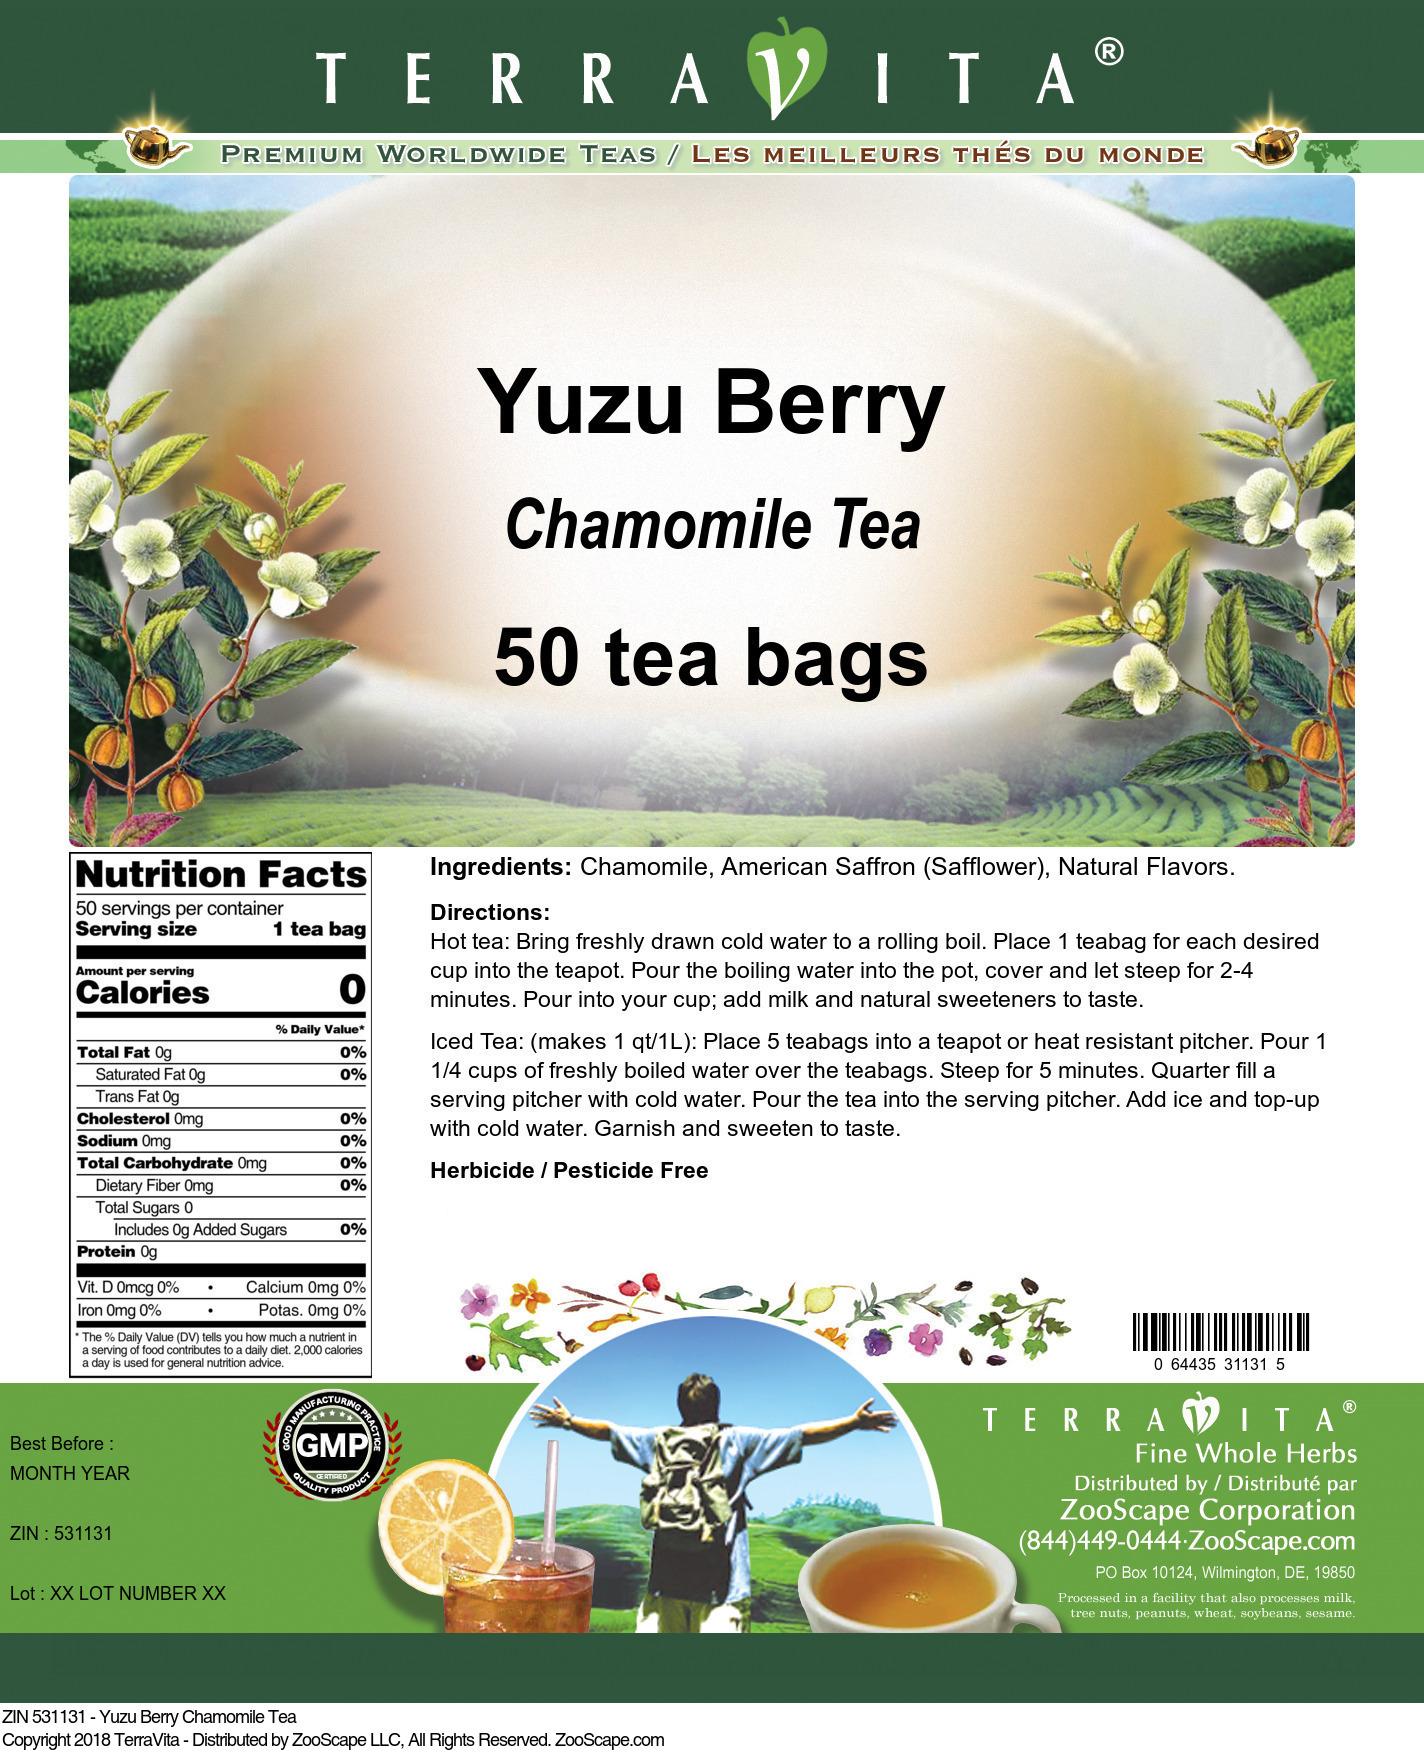 Yuzu Berry Chamomile Tea